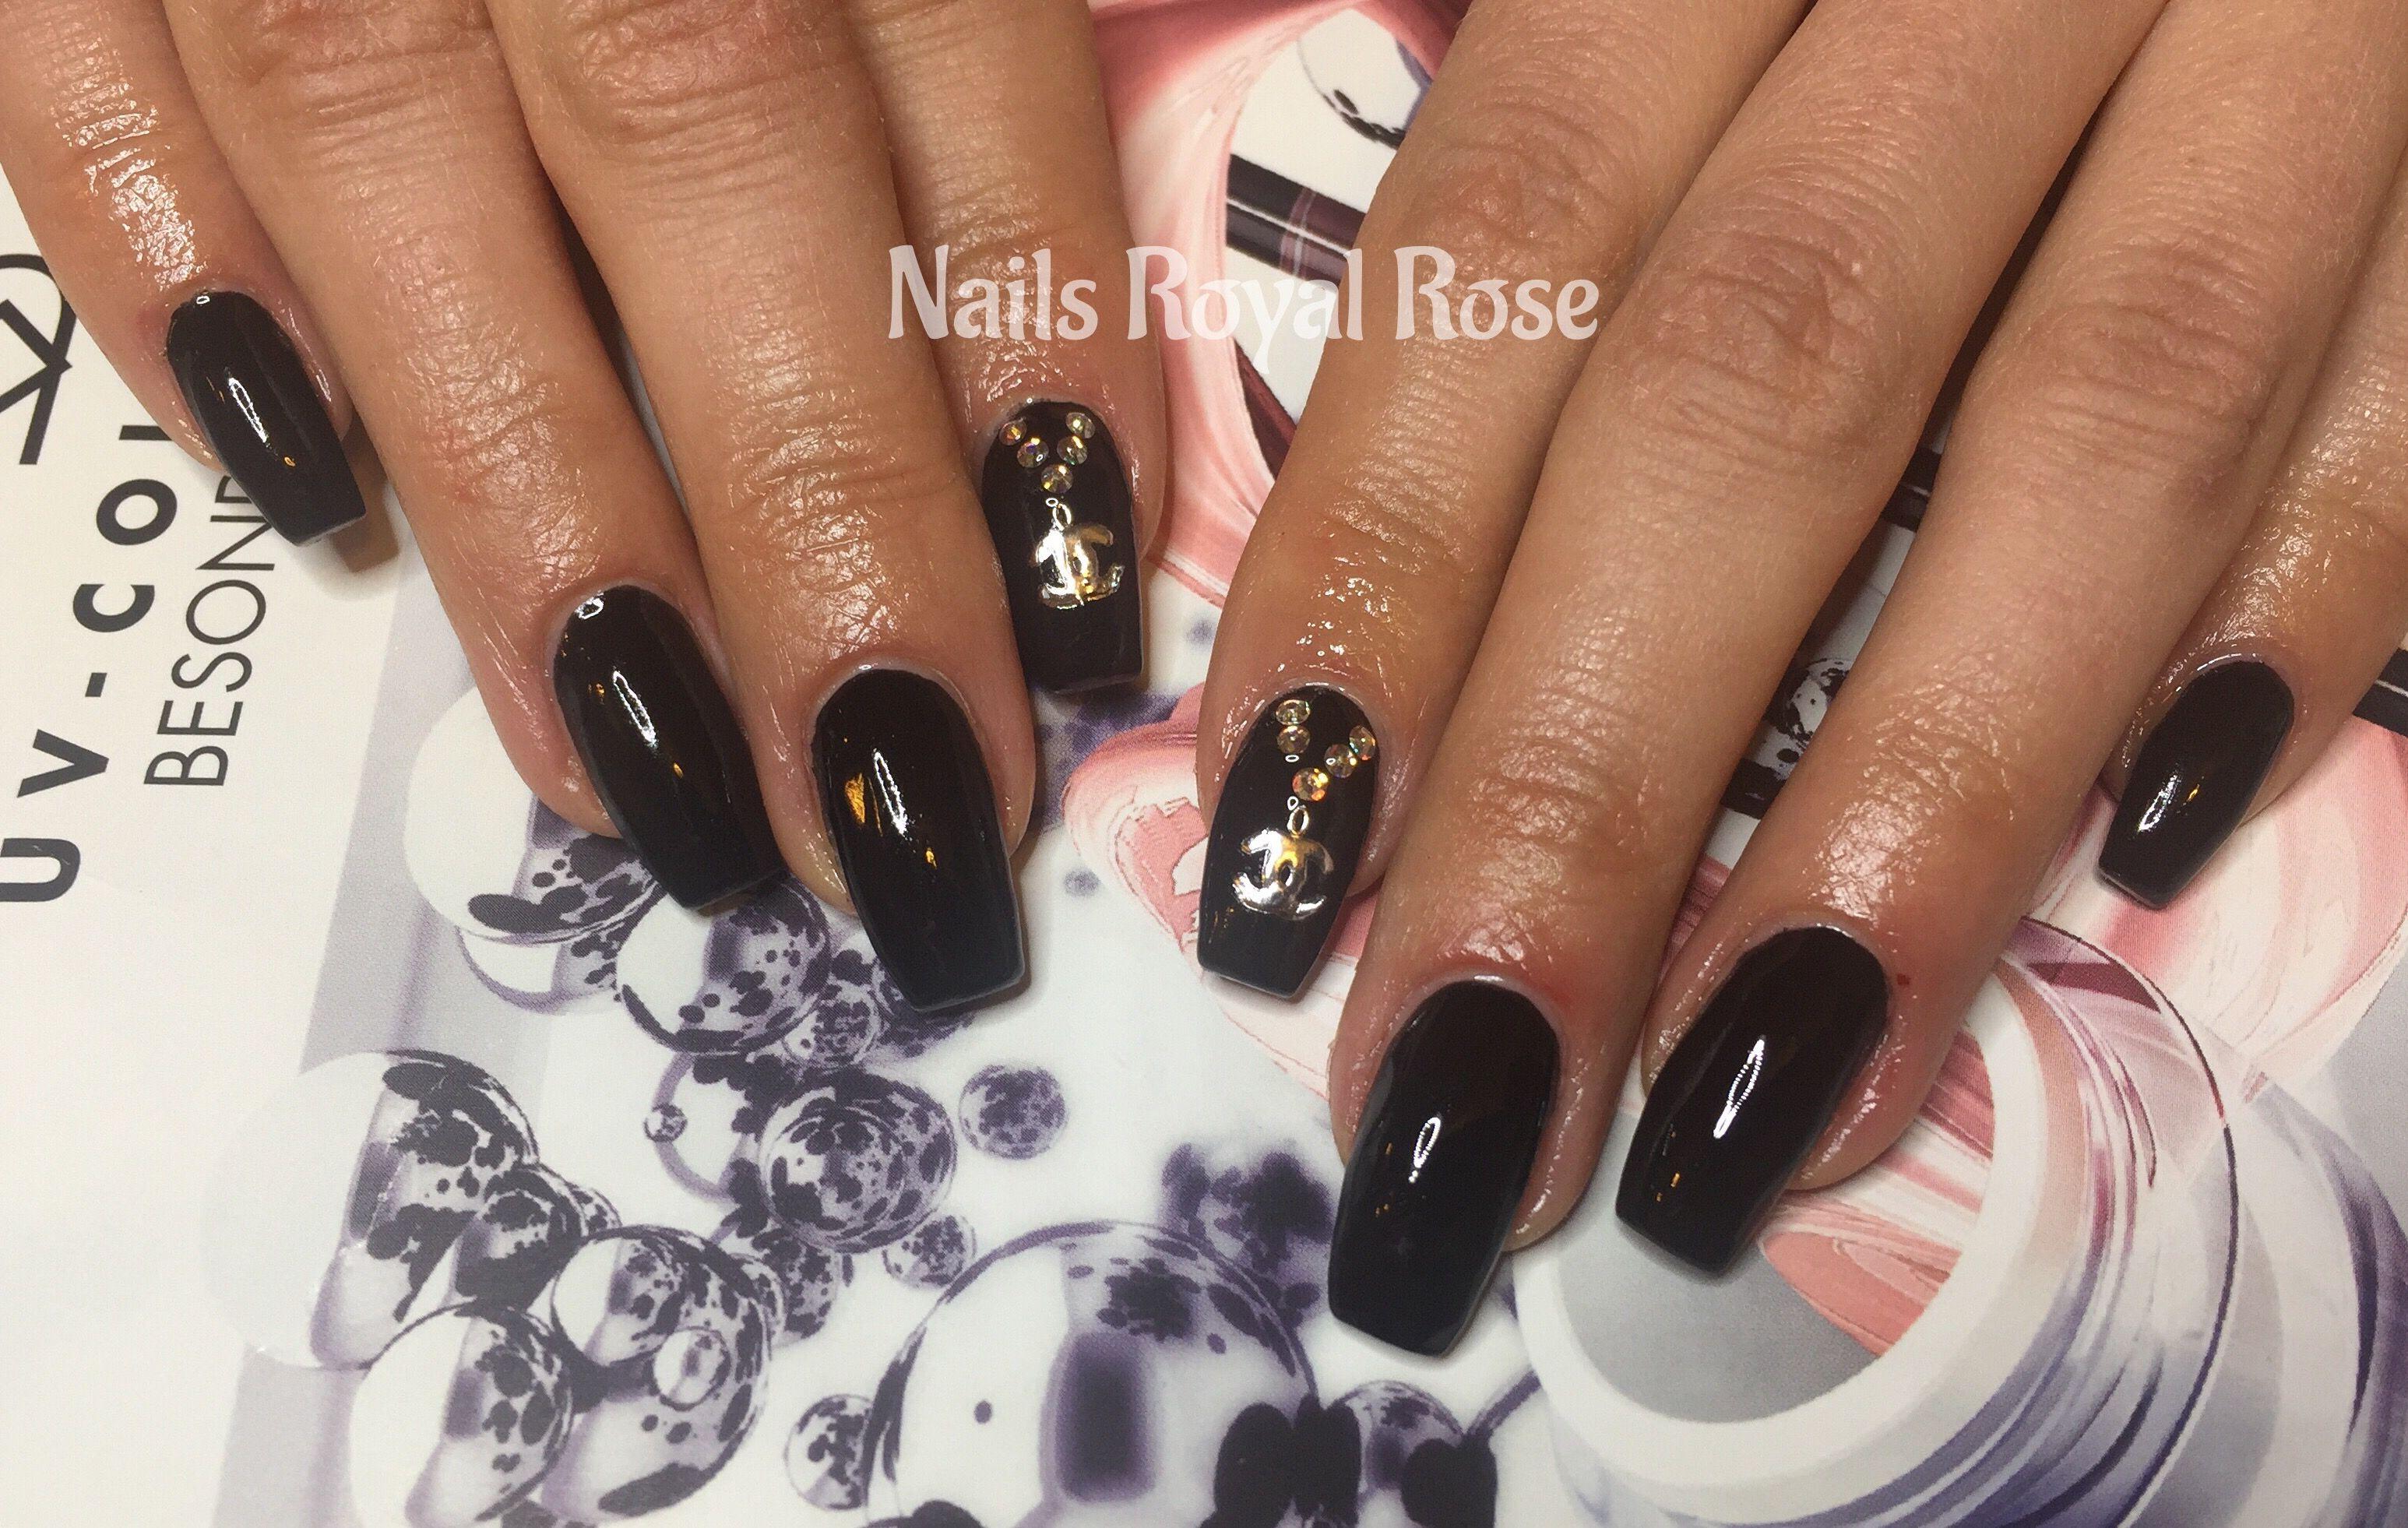 Nails Nägel Nagelmodellage Nails Royal Rose Nailart